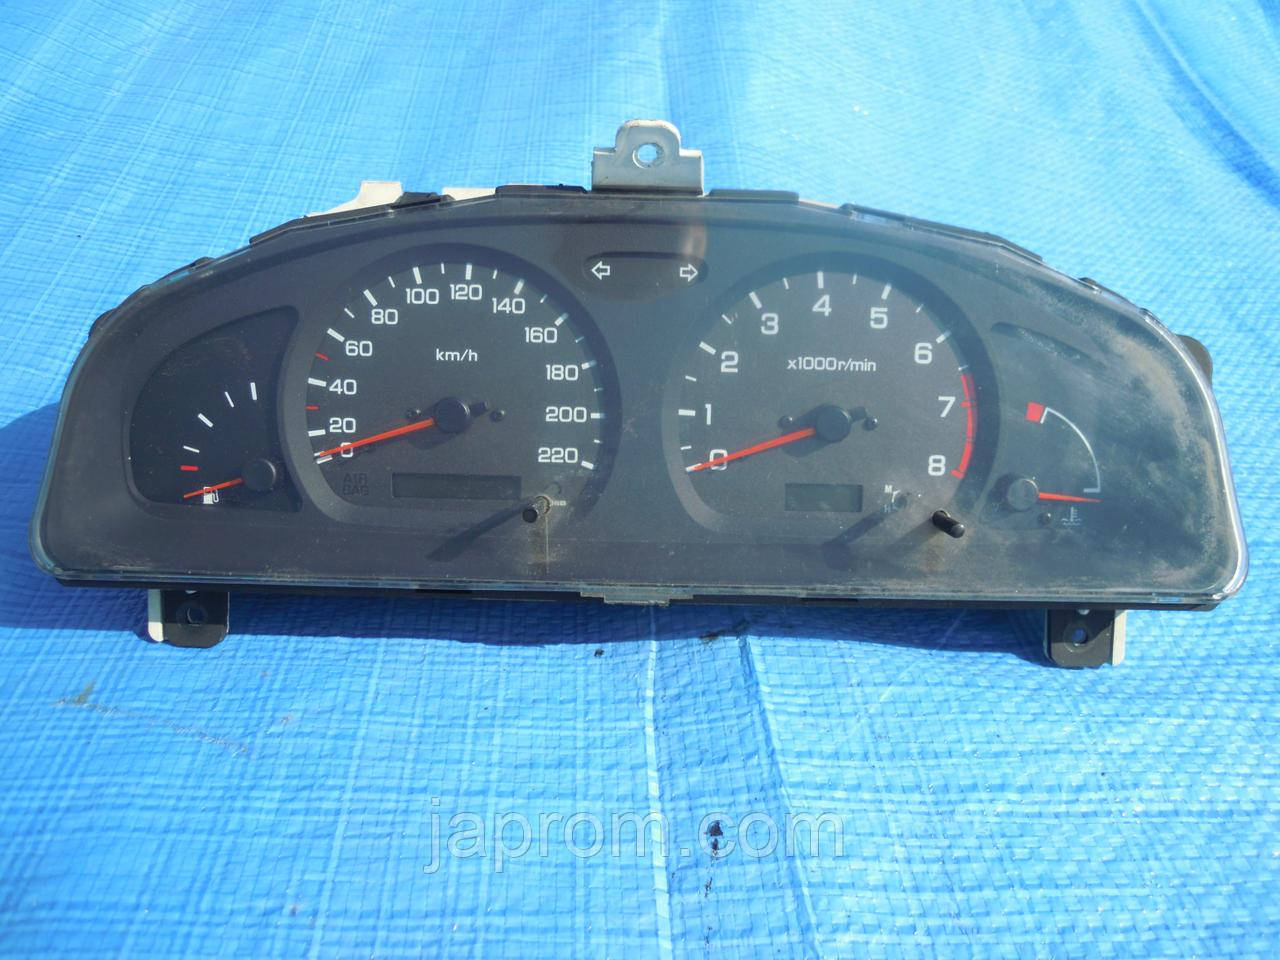 Панель щиток приборов Nissan Almera N15 1999-2000г.в. 1.4 1.6 бензин рестайл